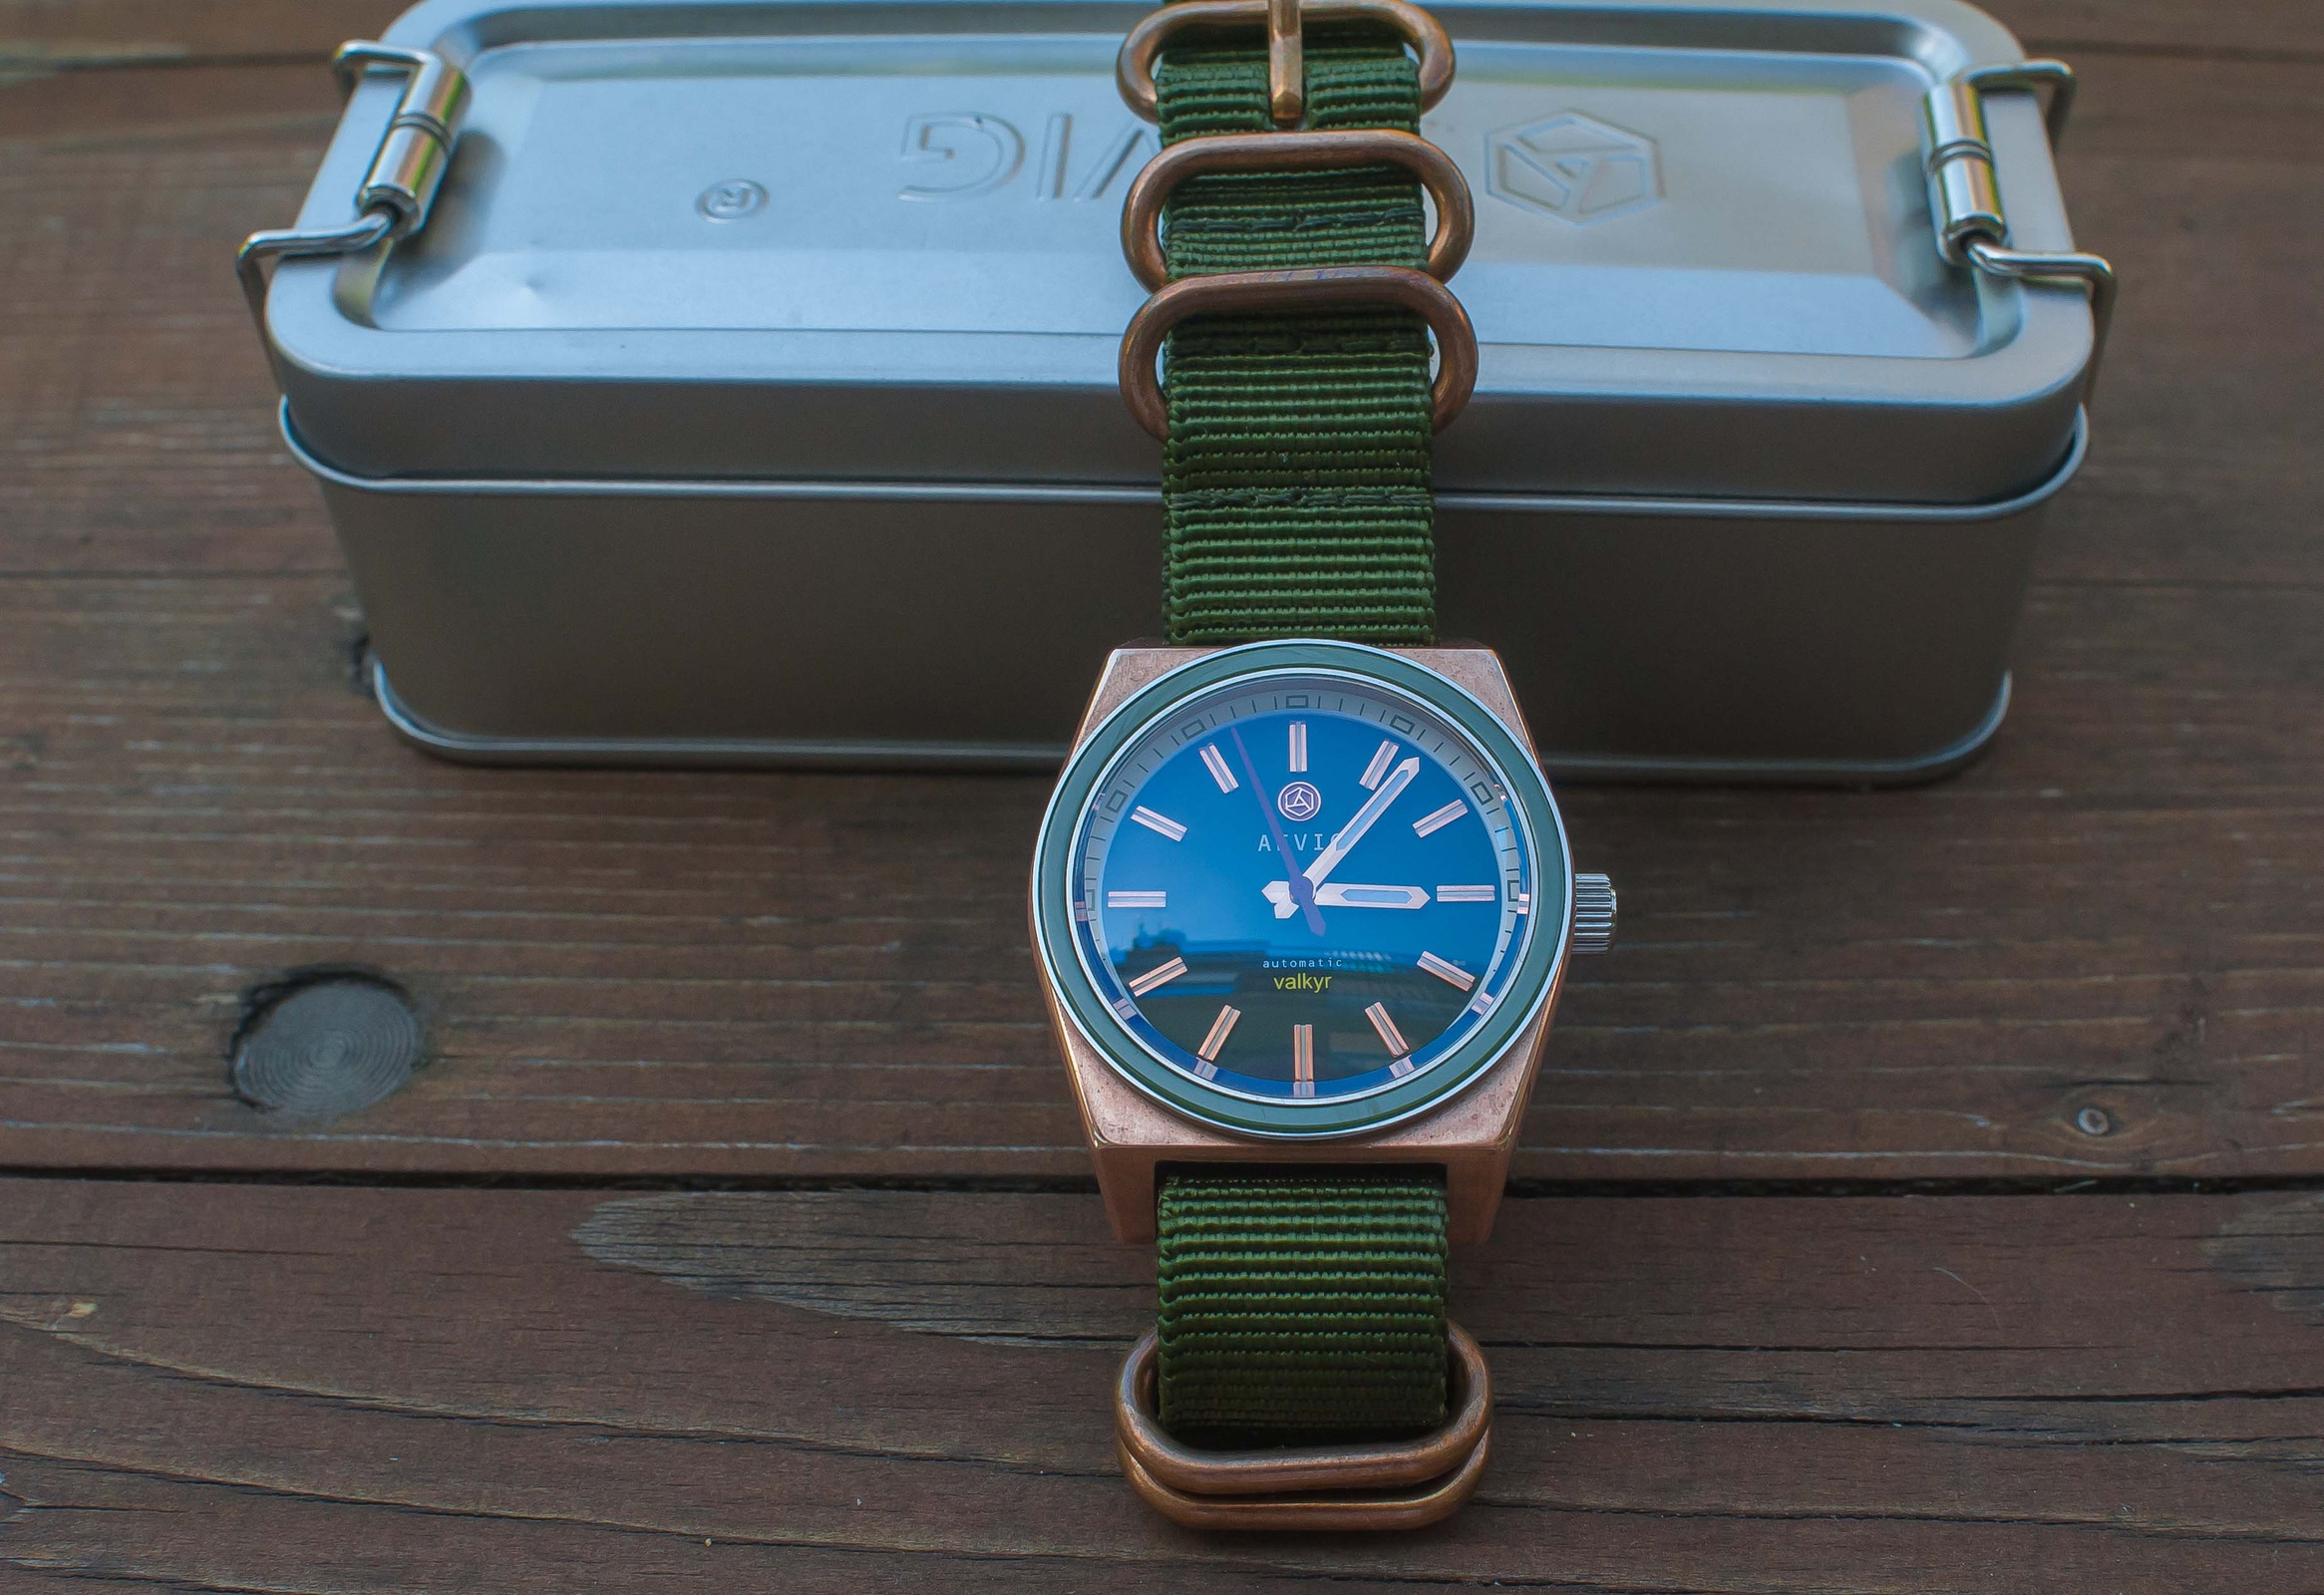 Erledigt] Aevig Valkyr Bronze mit grüner Lünette - UhrForum